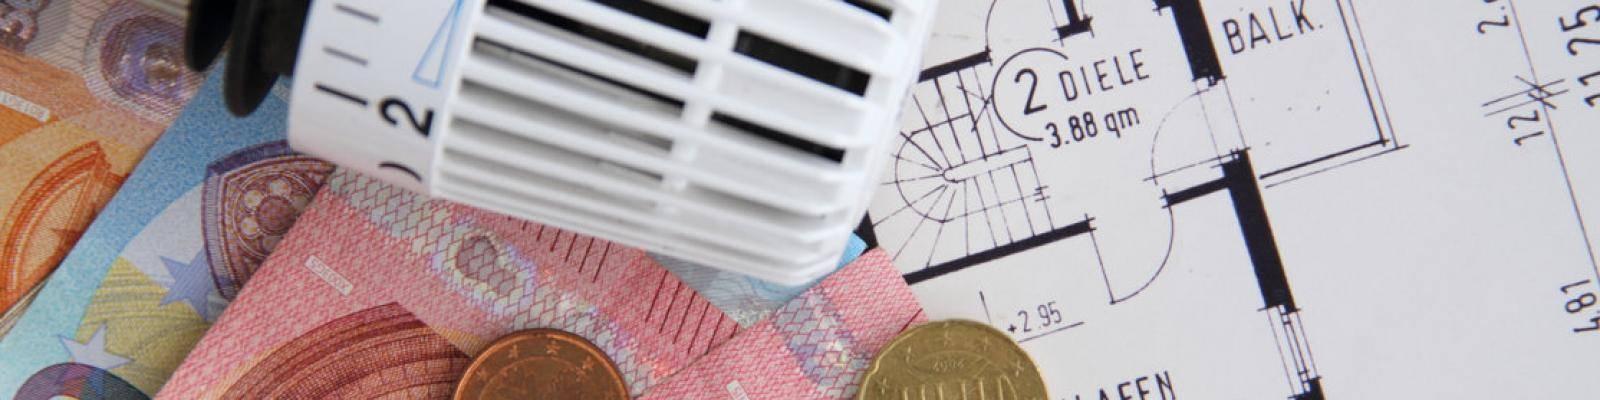 Verwarming en geld